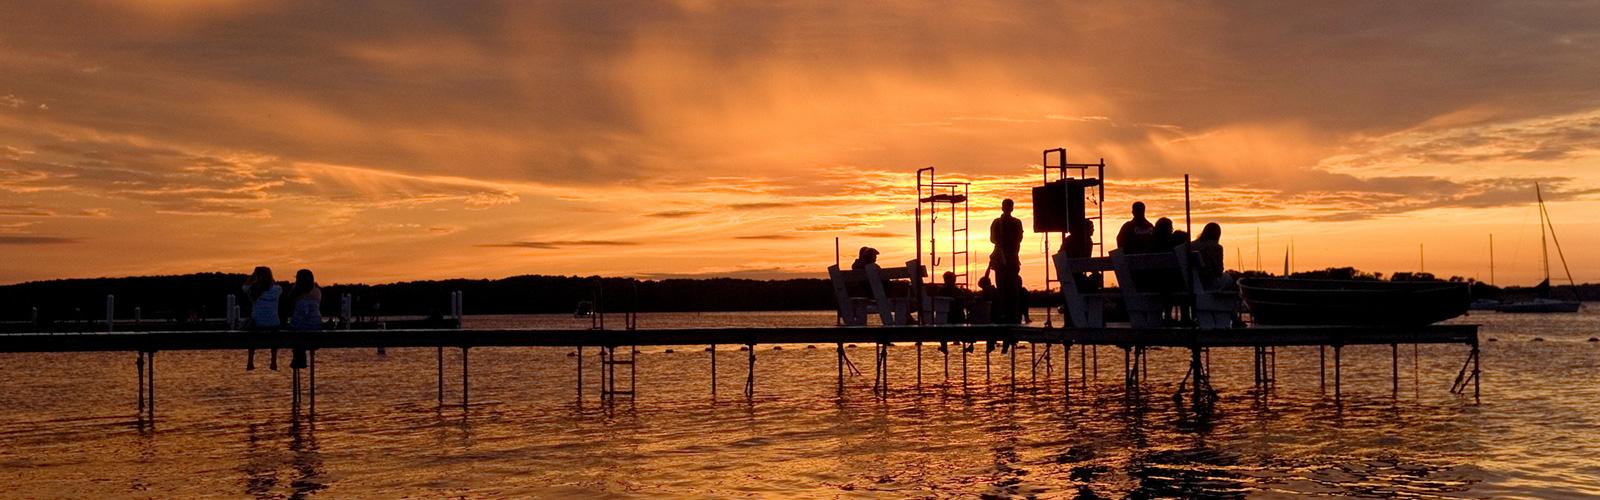 terrace pier in summertime